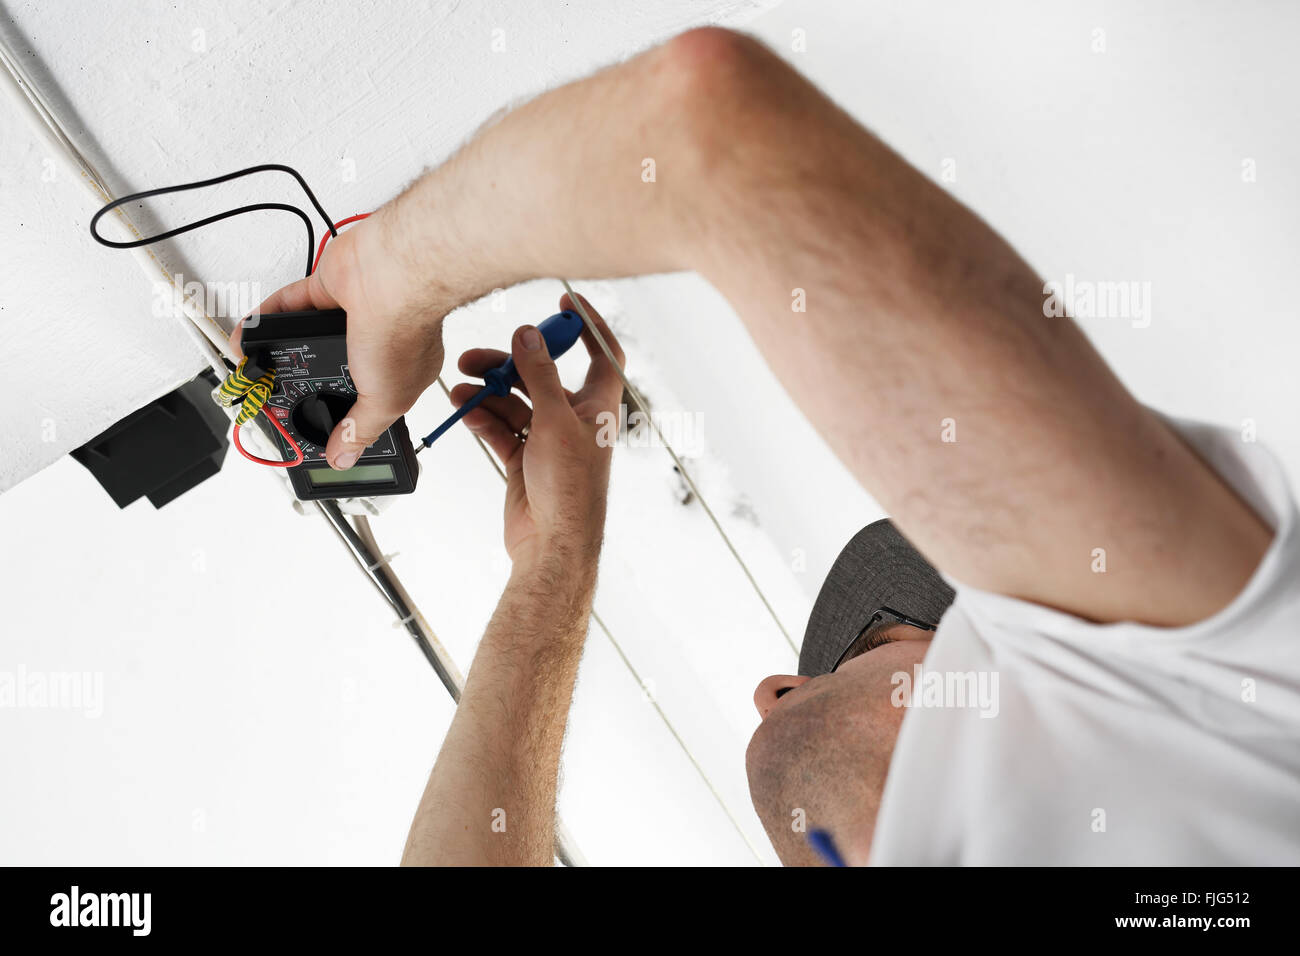 Elektriker. Installation von elektrischen Leitungen. Elektrische Reparaturen. Elektriker. Elektriker Reparaturen Installationen Stockfoto